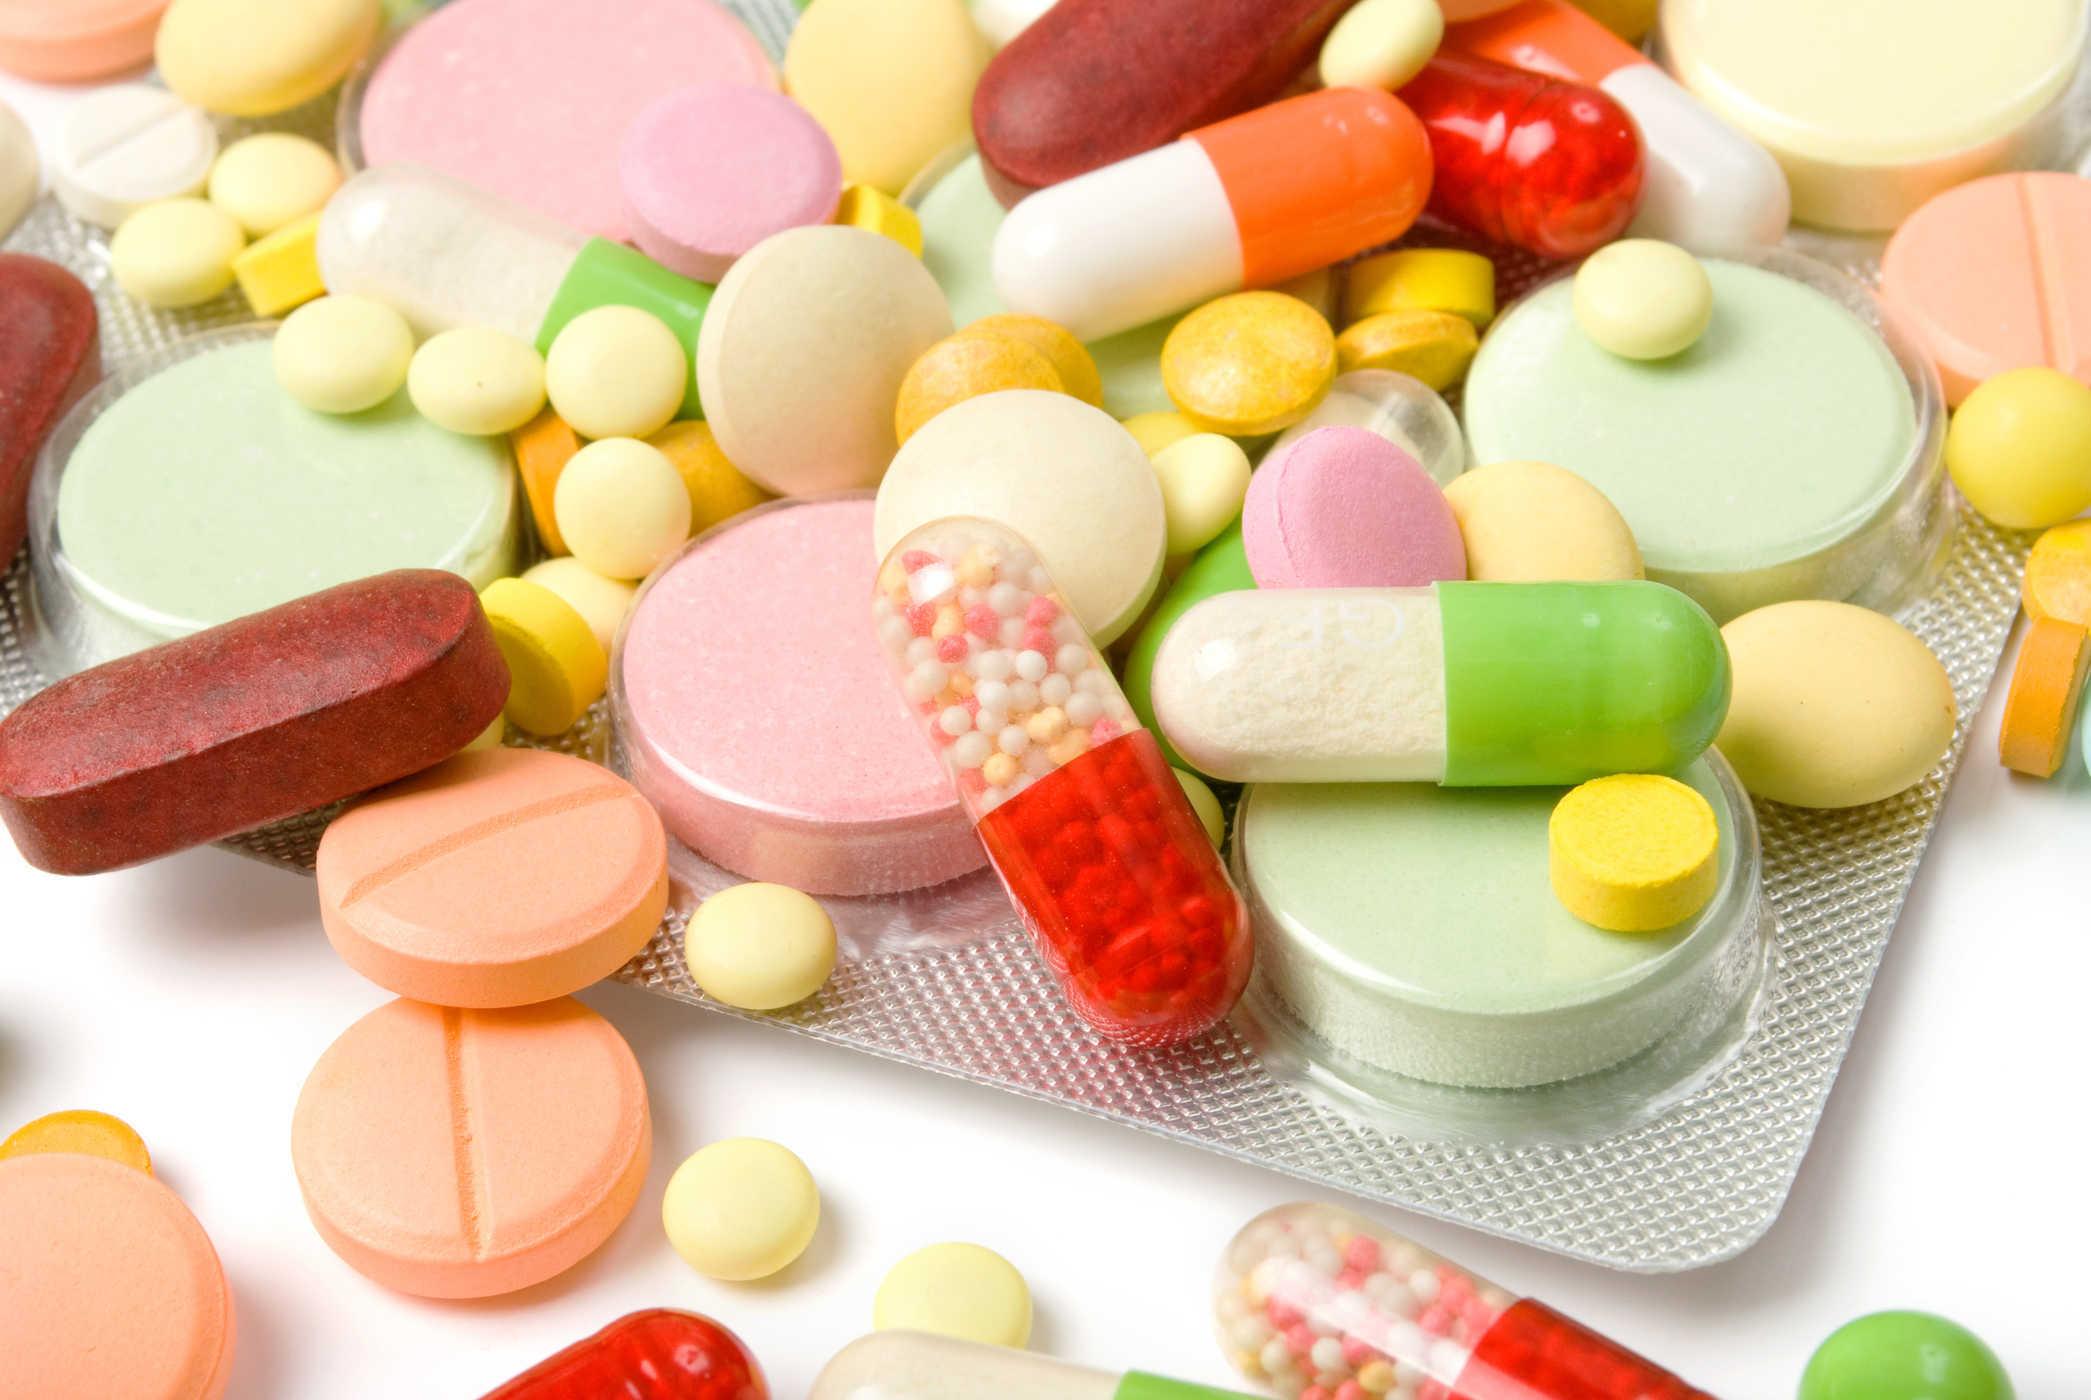 Застій жовчі в жовчному міхурі симптоми і лікування народними засобами